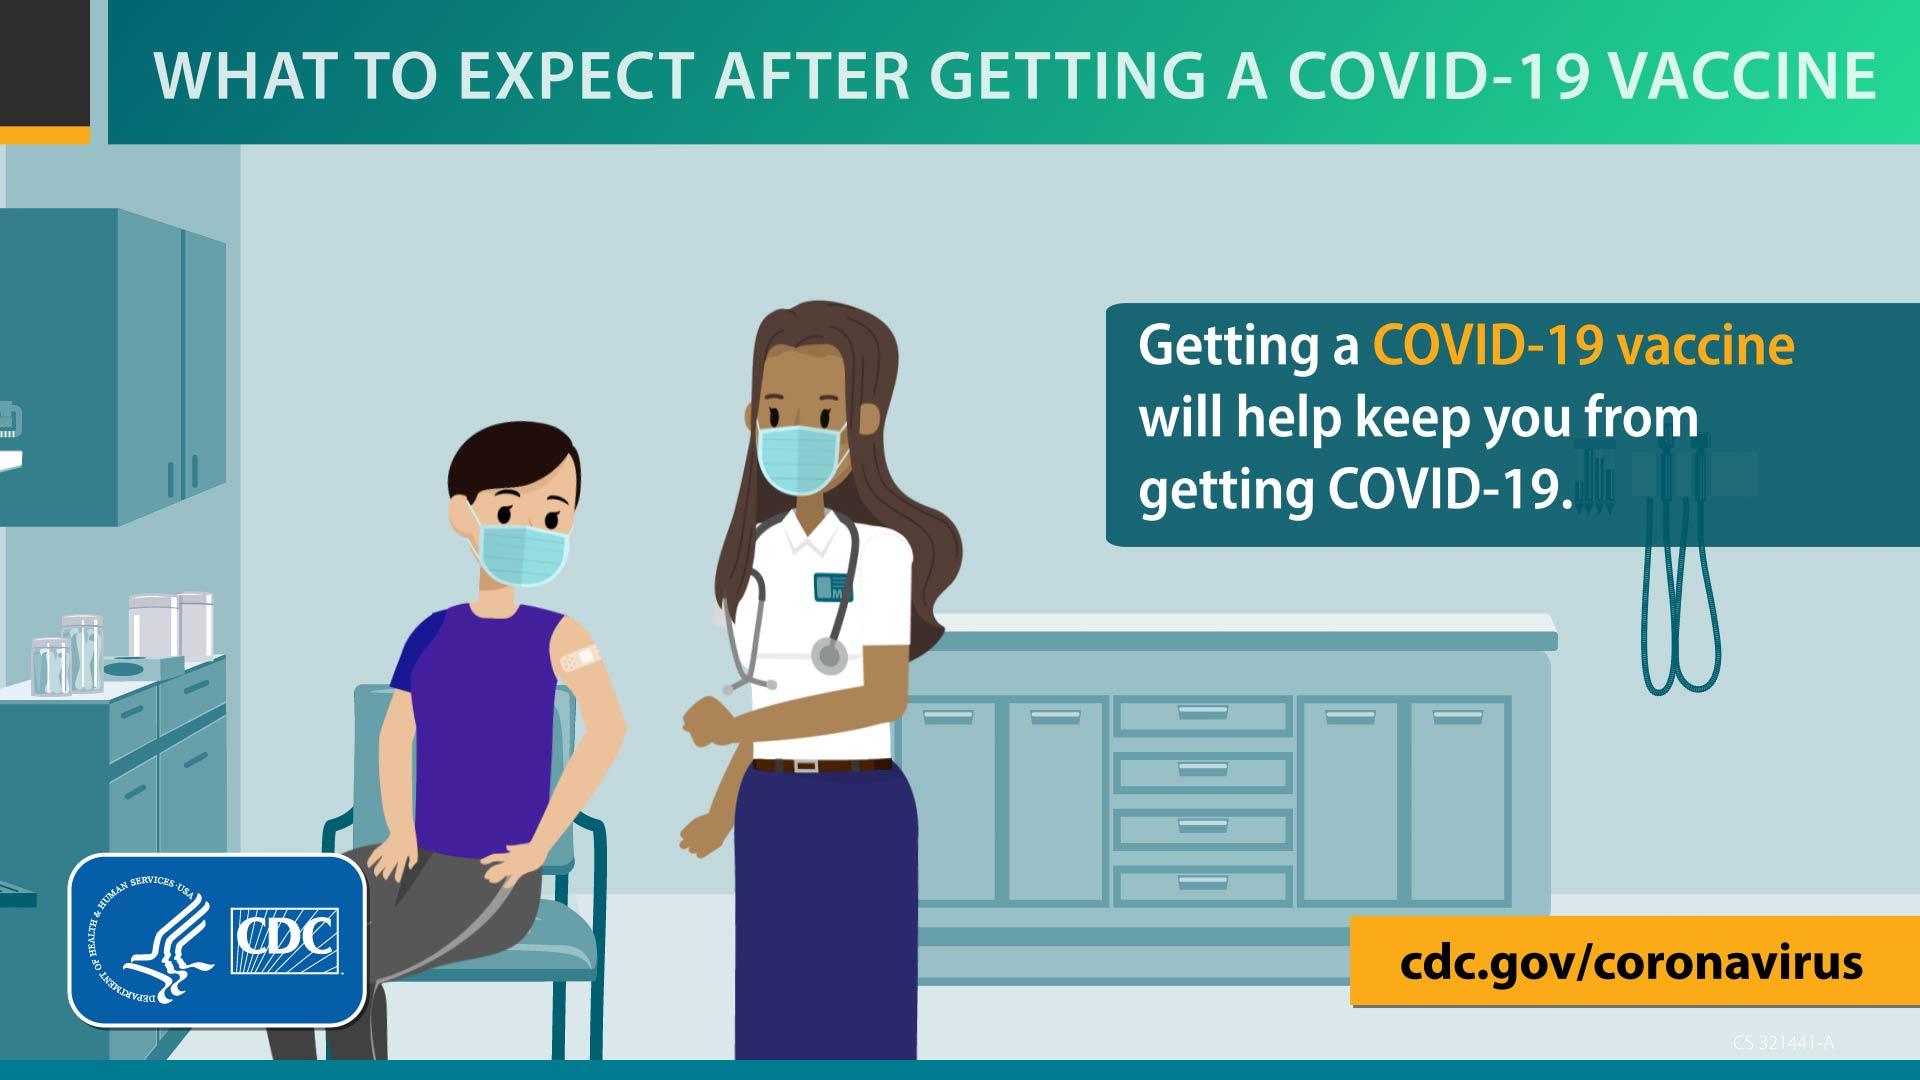 医疗服务提供者给患者注射COVID-19疫苗的图示